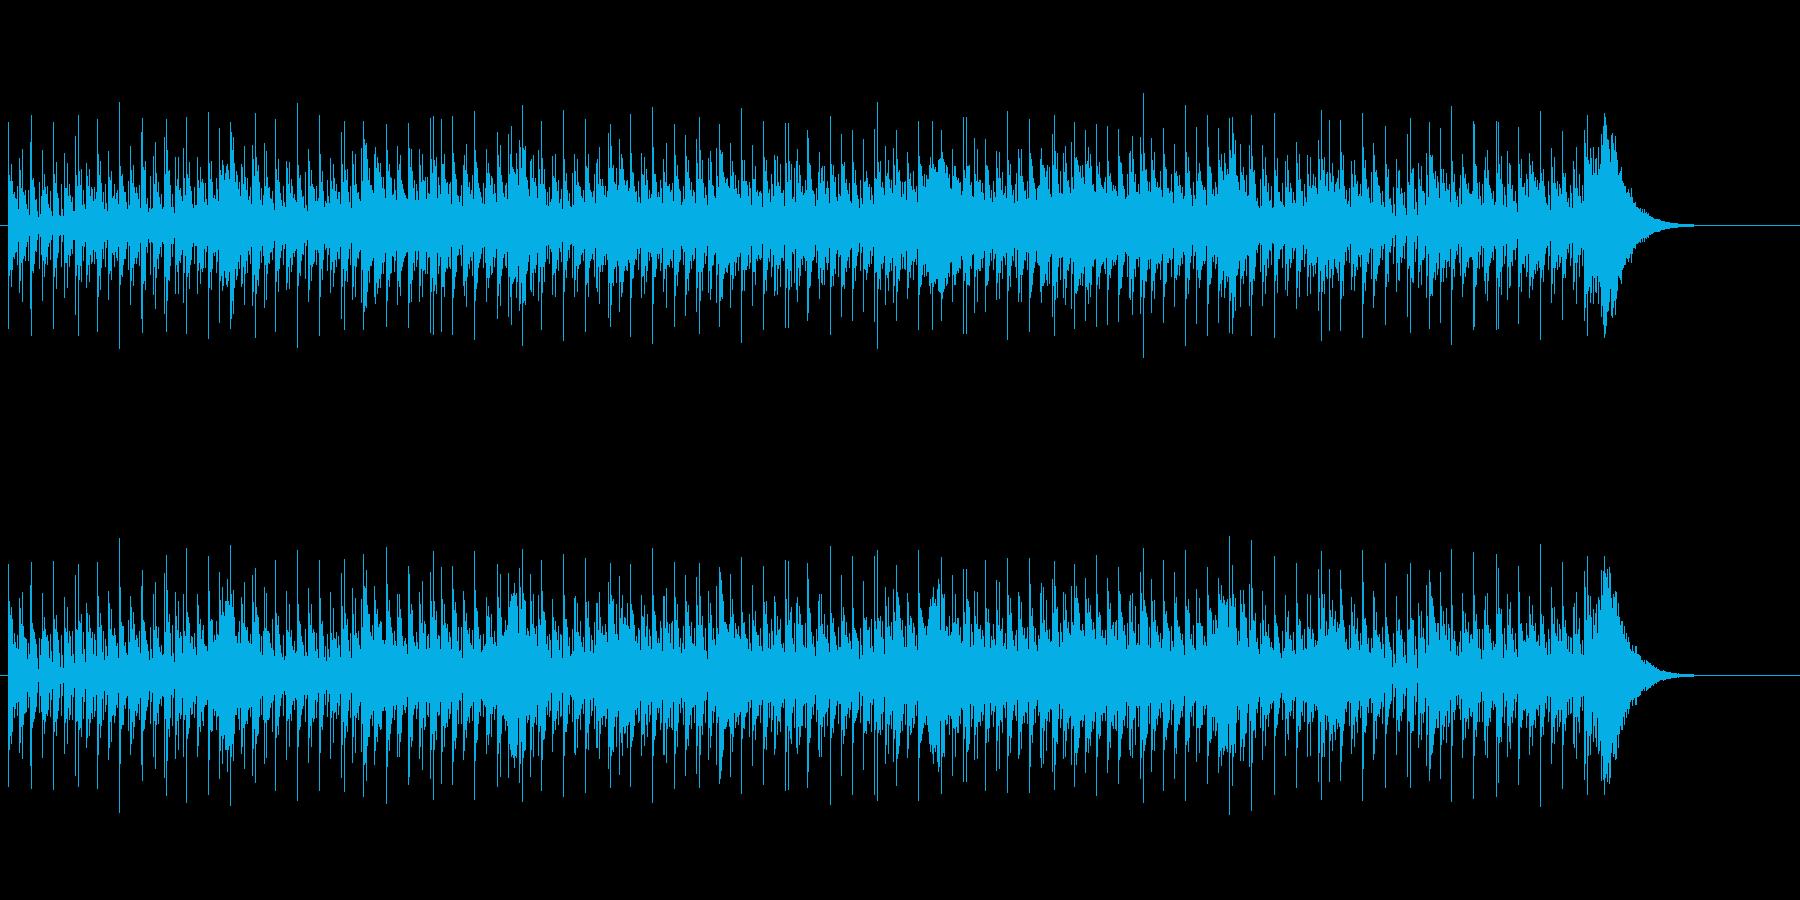 単調で怪しげな神秘的マイナードキュメントの再生済みの波形